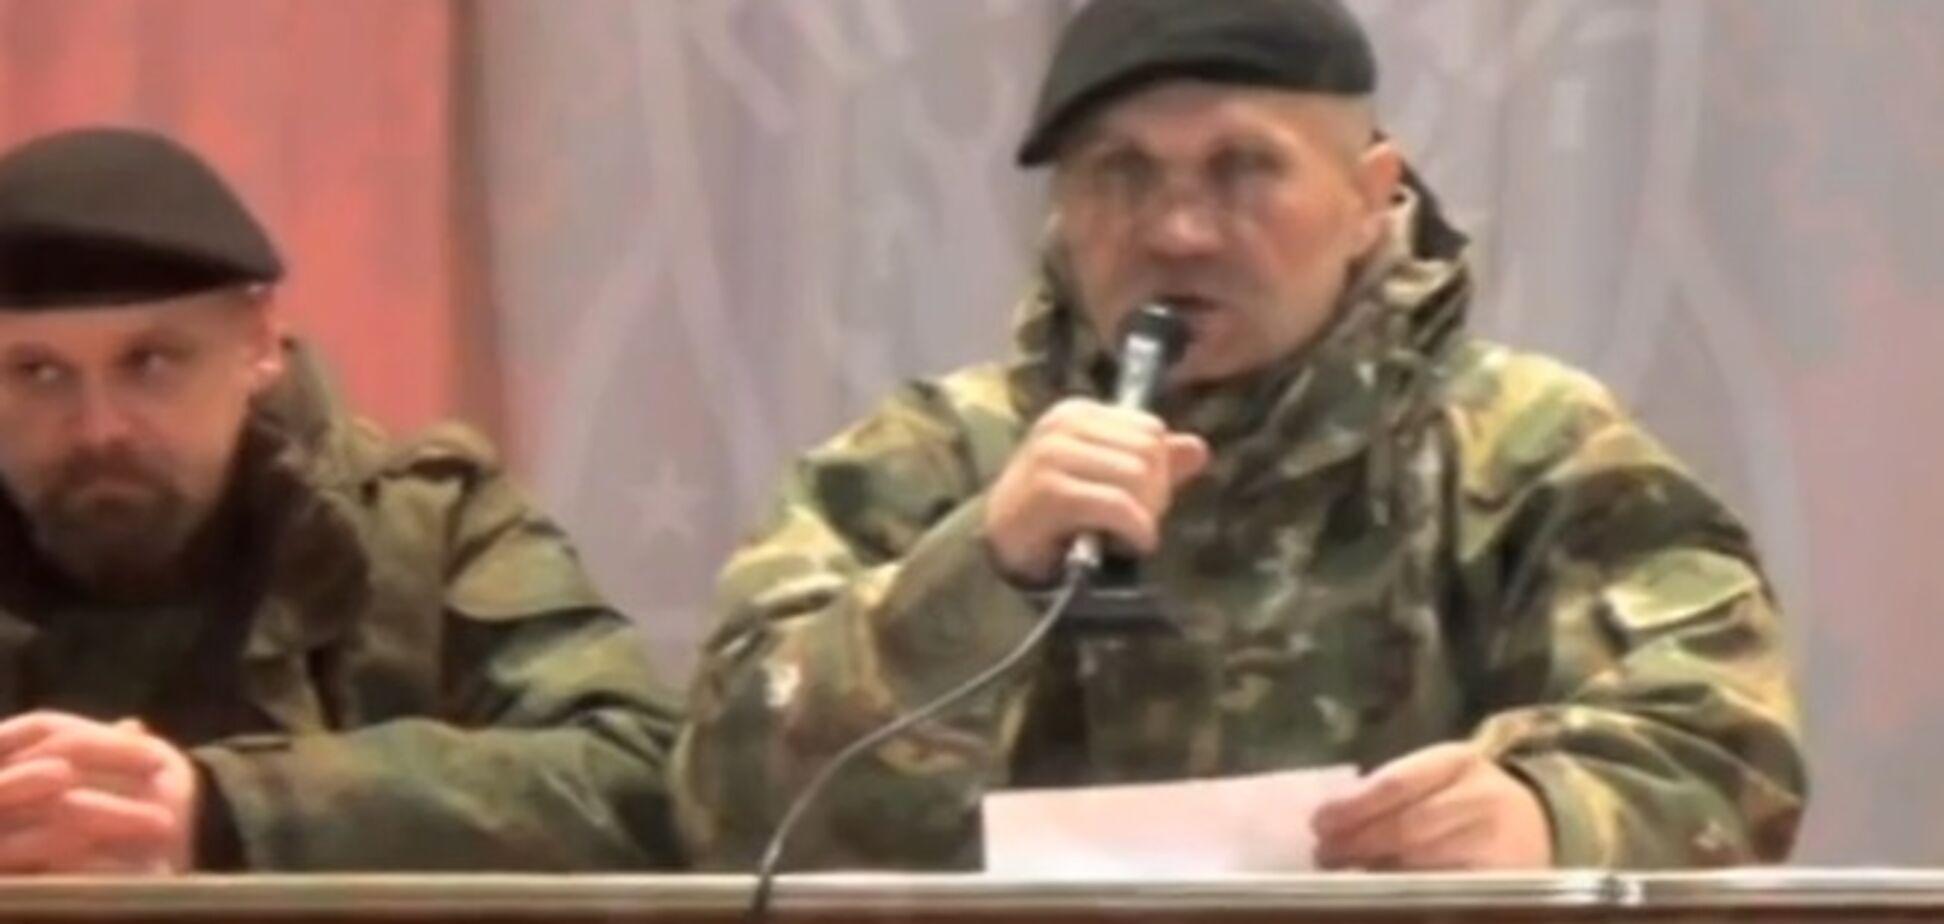 Появилось видео 'народного суда' террористов: насильника приговорили к расстрелу